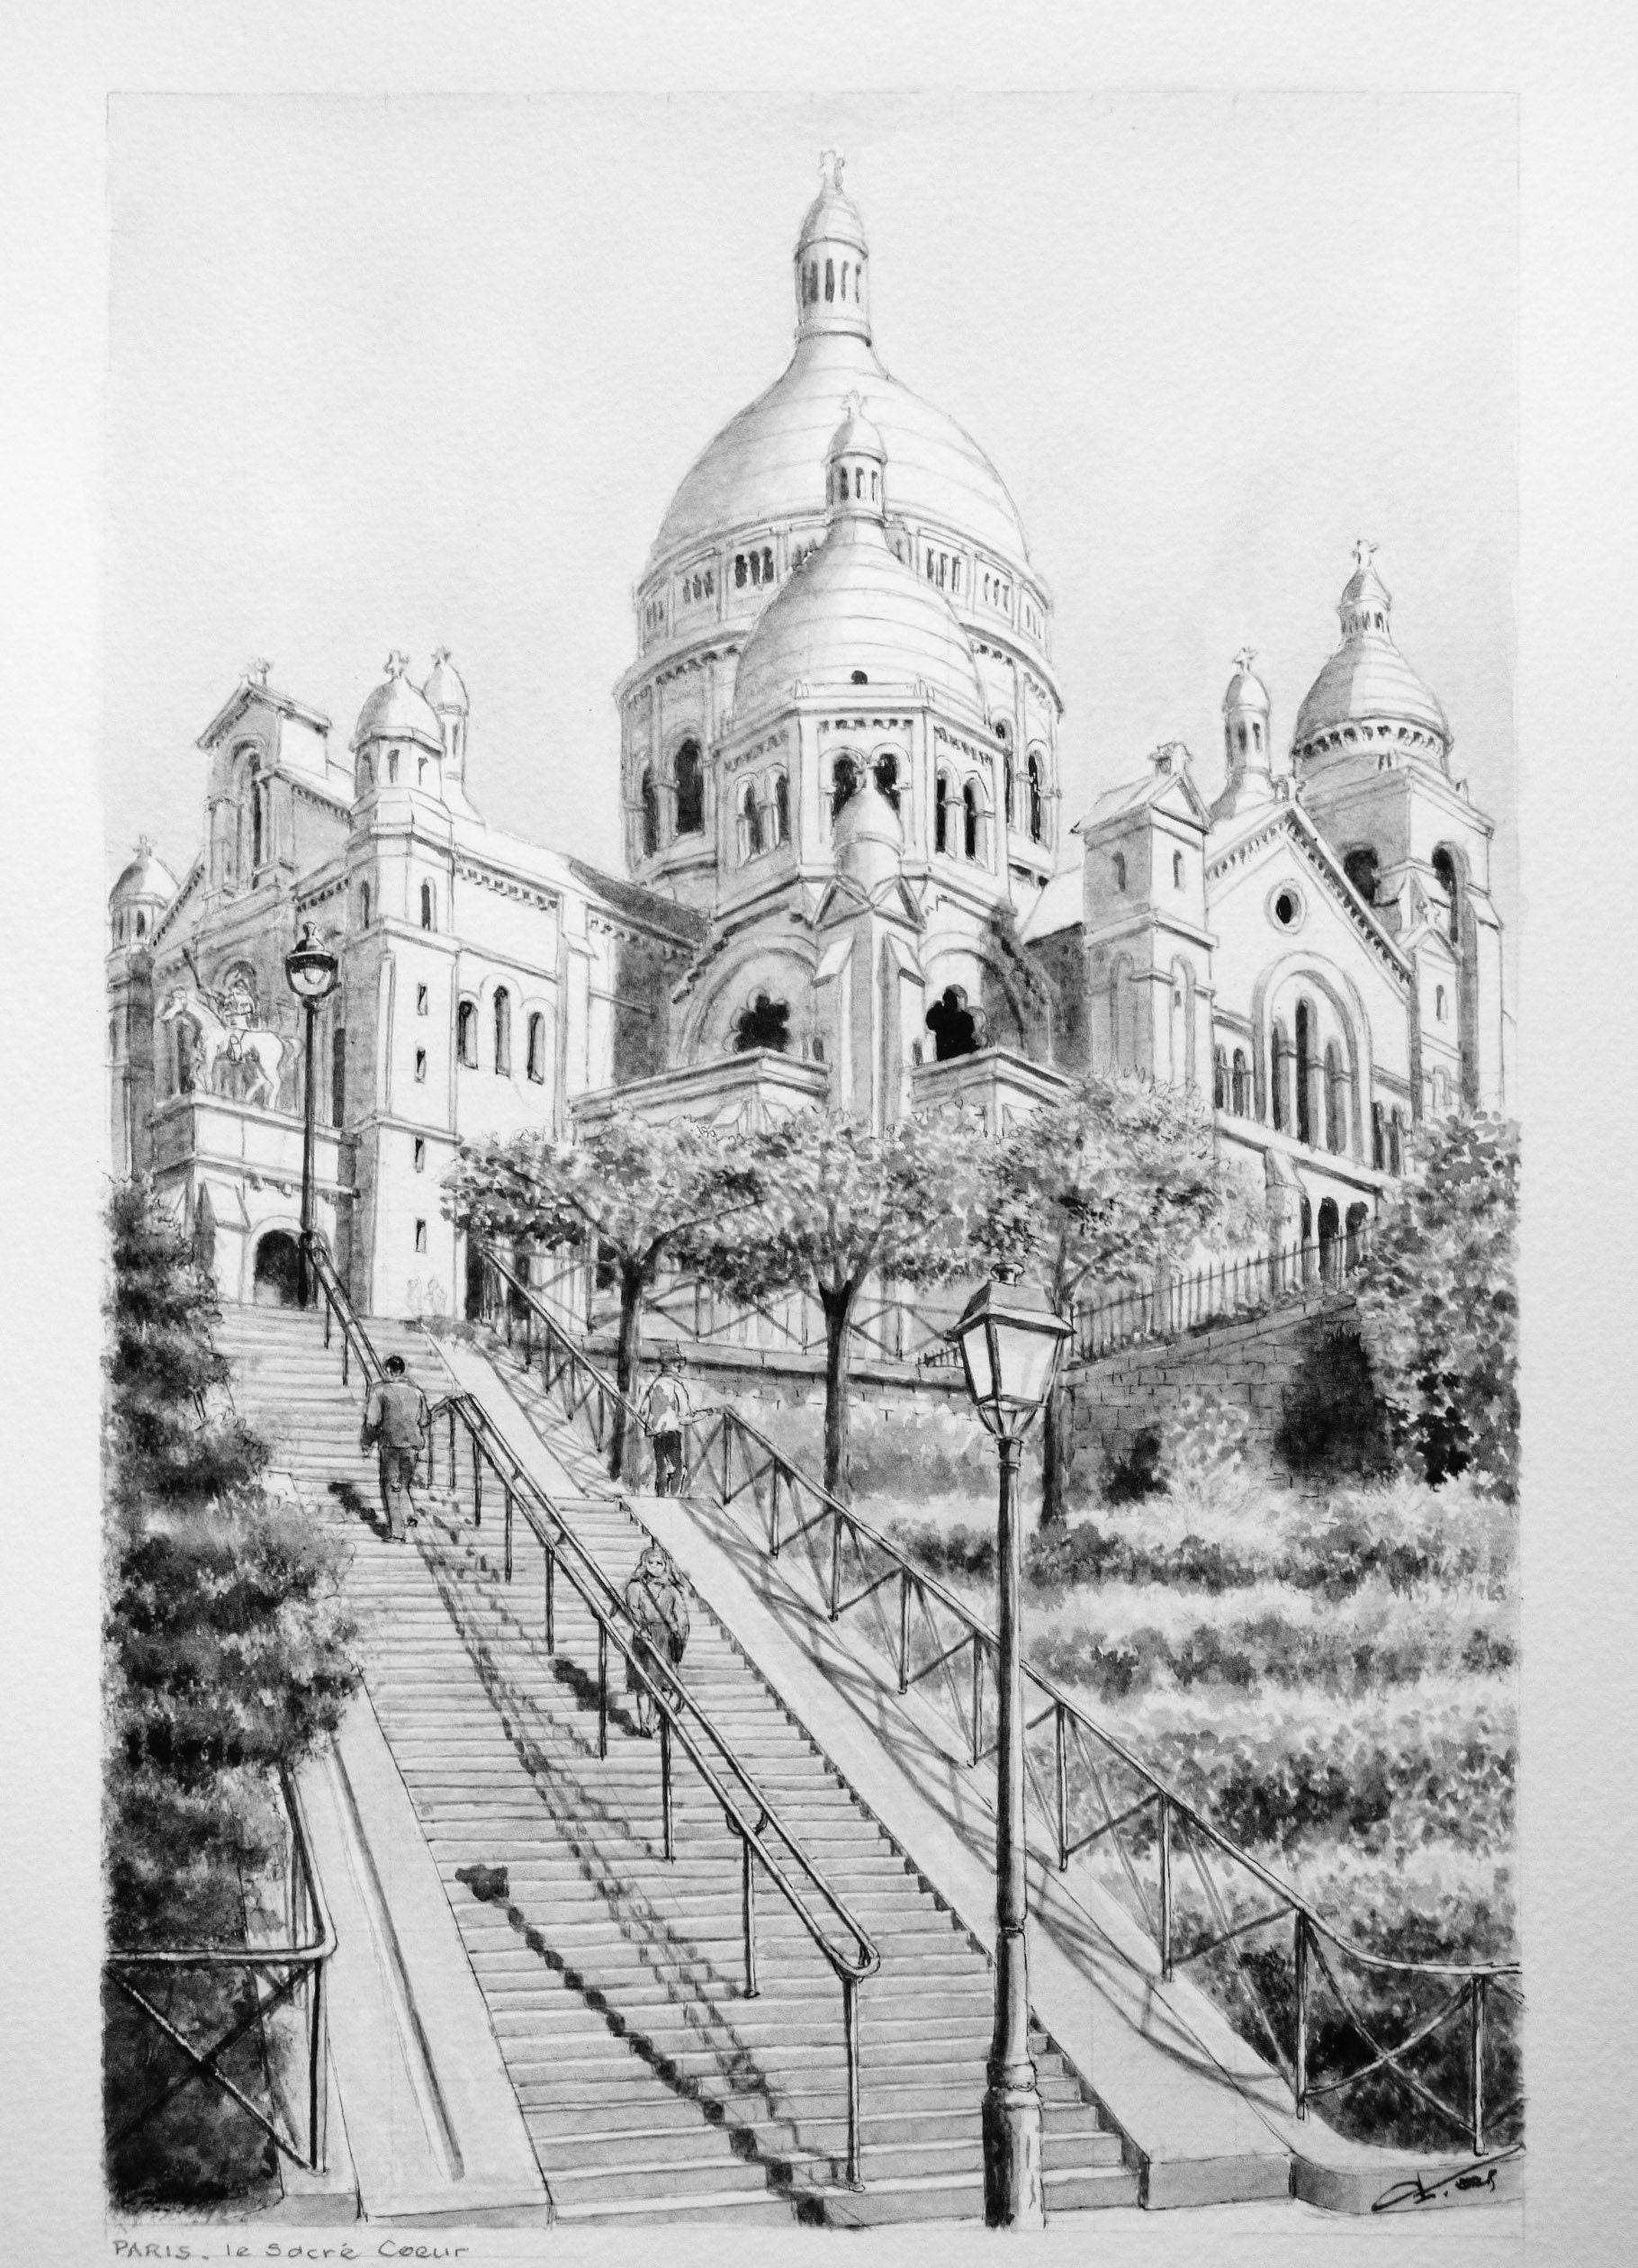 Dessin de paris le sacr coeur monument de paris dessin etsy - Coloriage professionnel ...